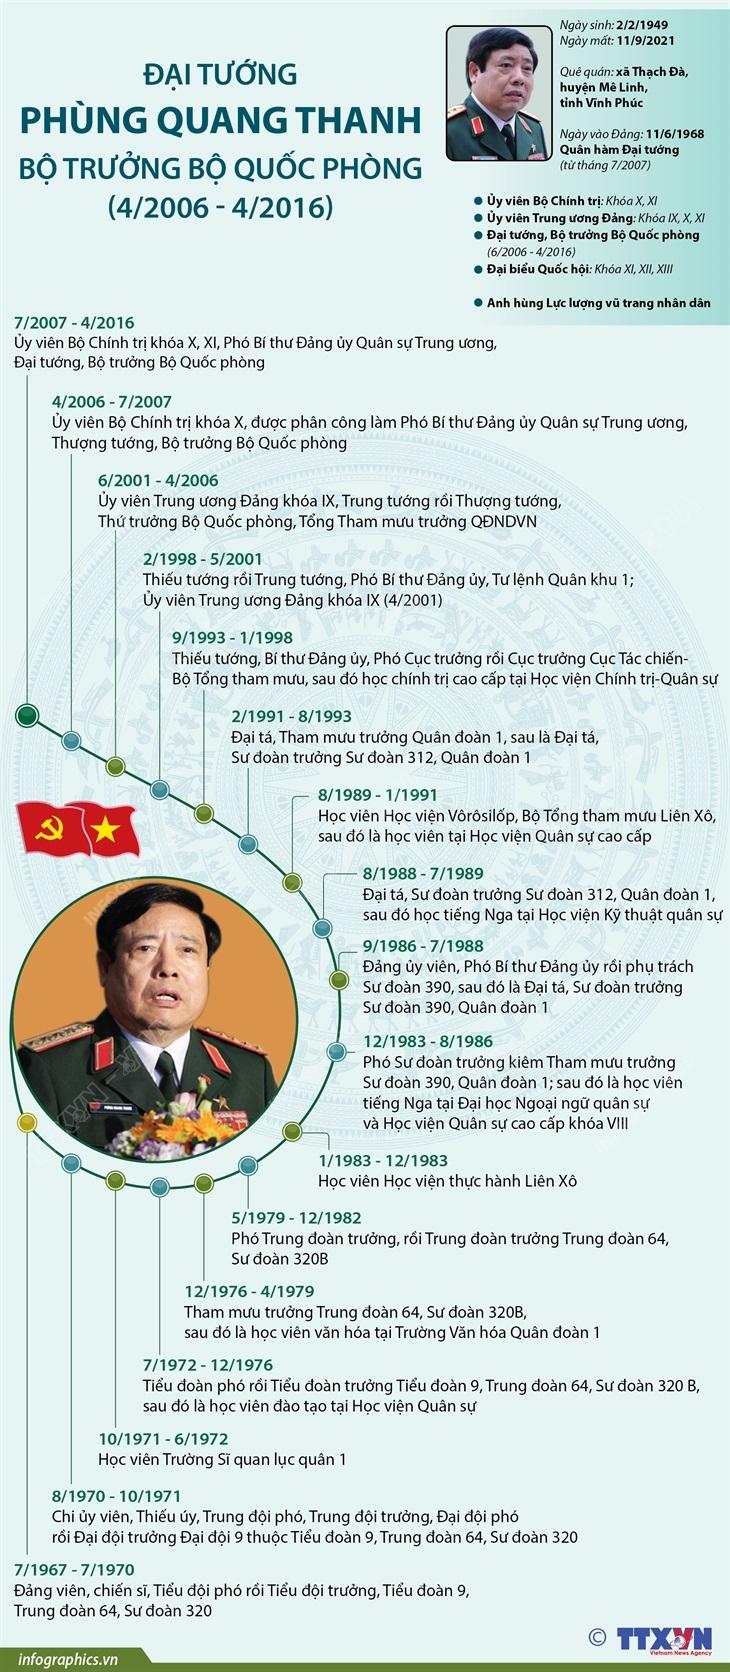 Inforgraphic - Đại tướng Phùng Quang Thanh - Bộ trưởng Bộ Quốc phòng -0